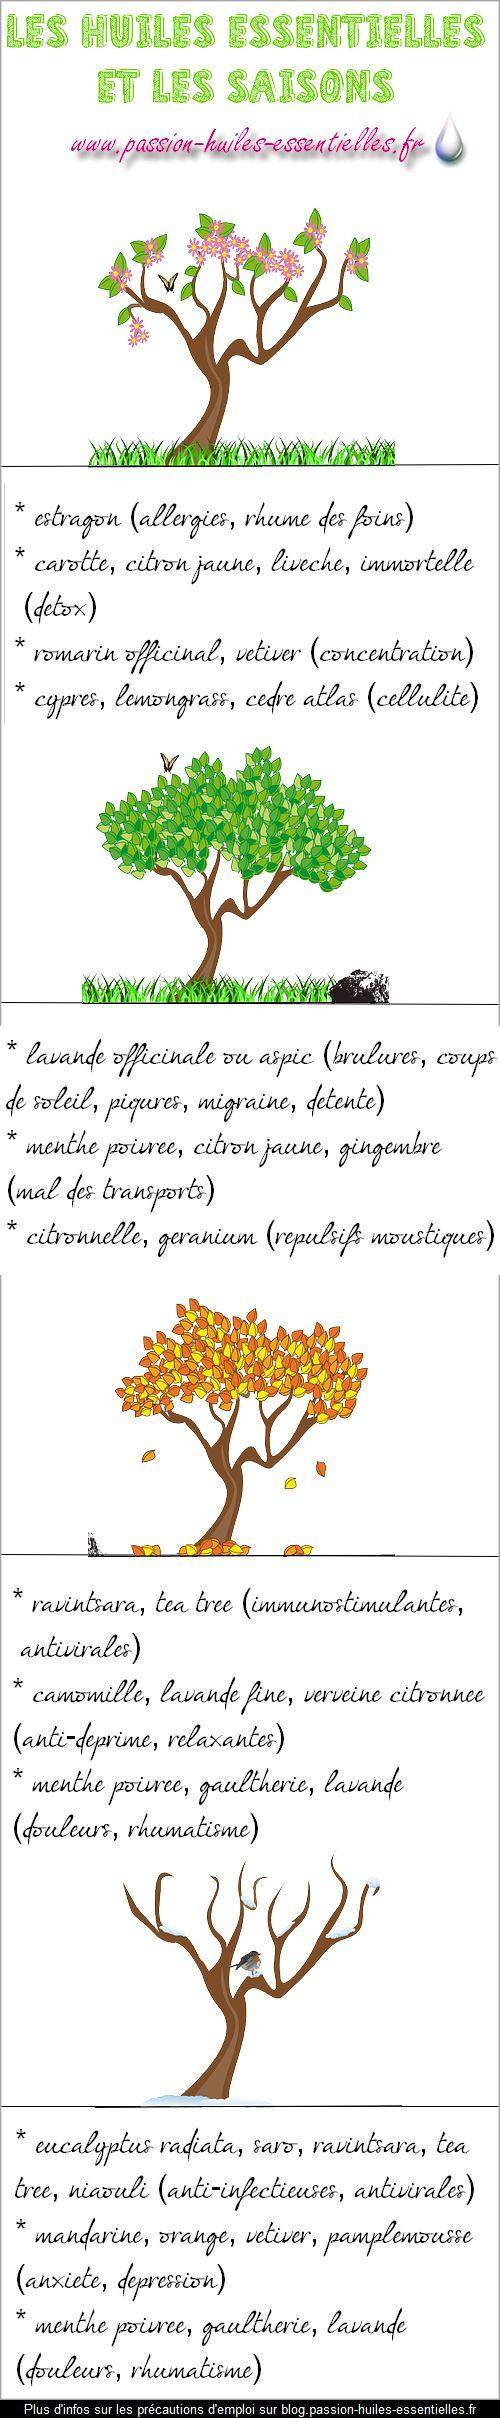 Huiles essentielles & Saisons                                                                                                                                                                                 Plus